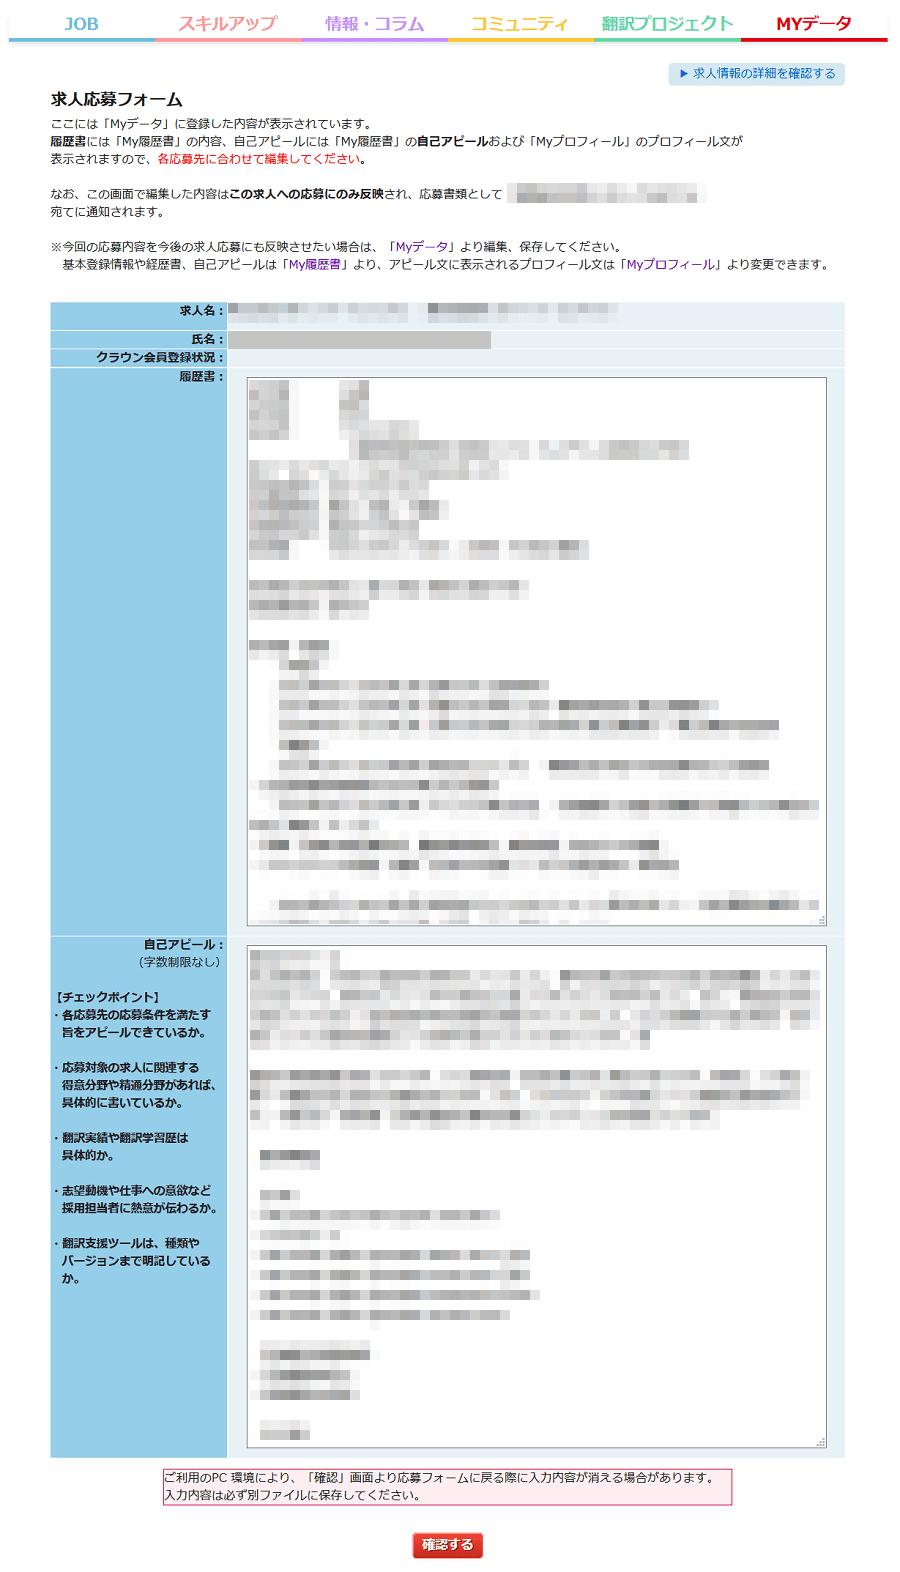 翻訳者ネットワーク「アメリア」求人応募フォーム画面